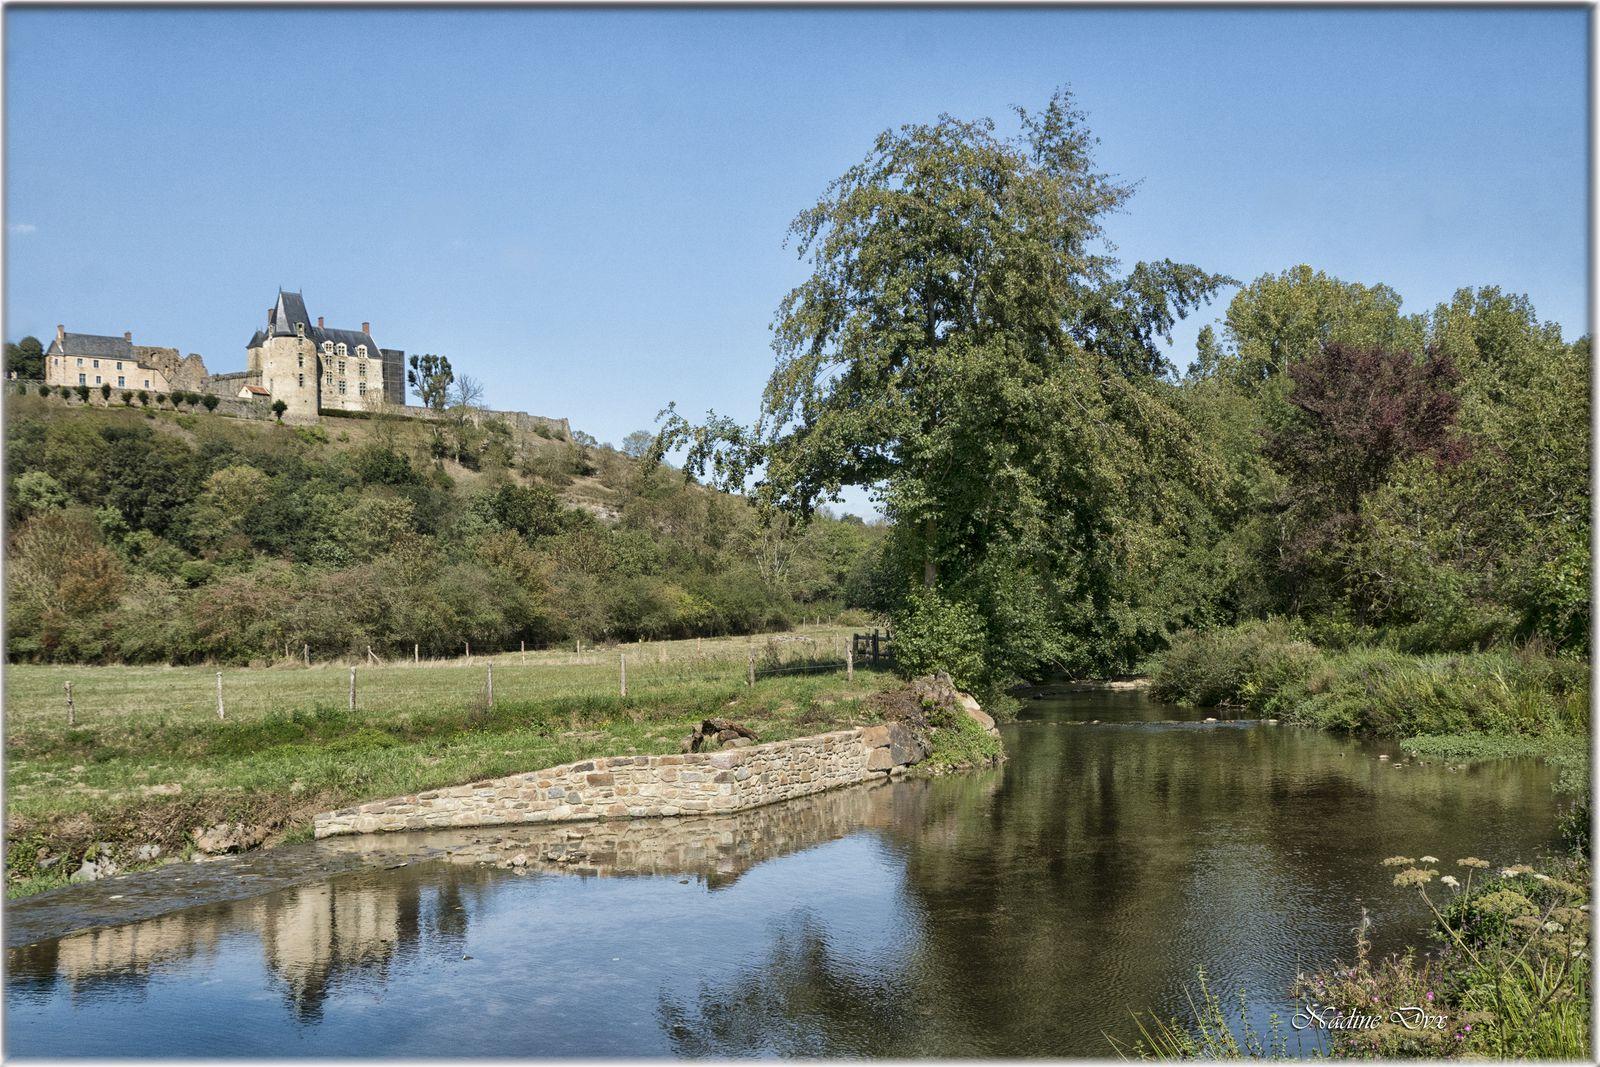 Le Grand Moulin ou moulin de Vicomte - Sainte-Suzanne - Mayenne